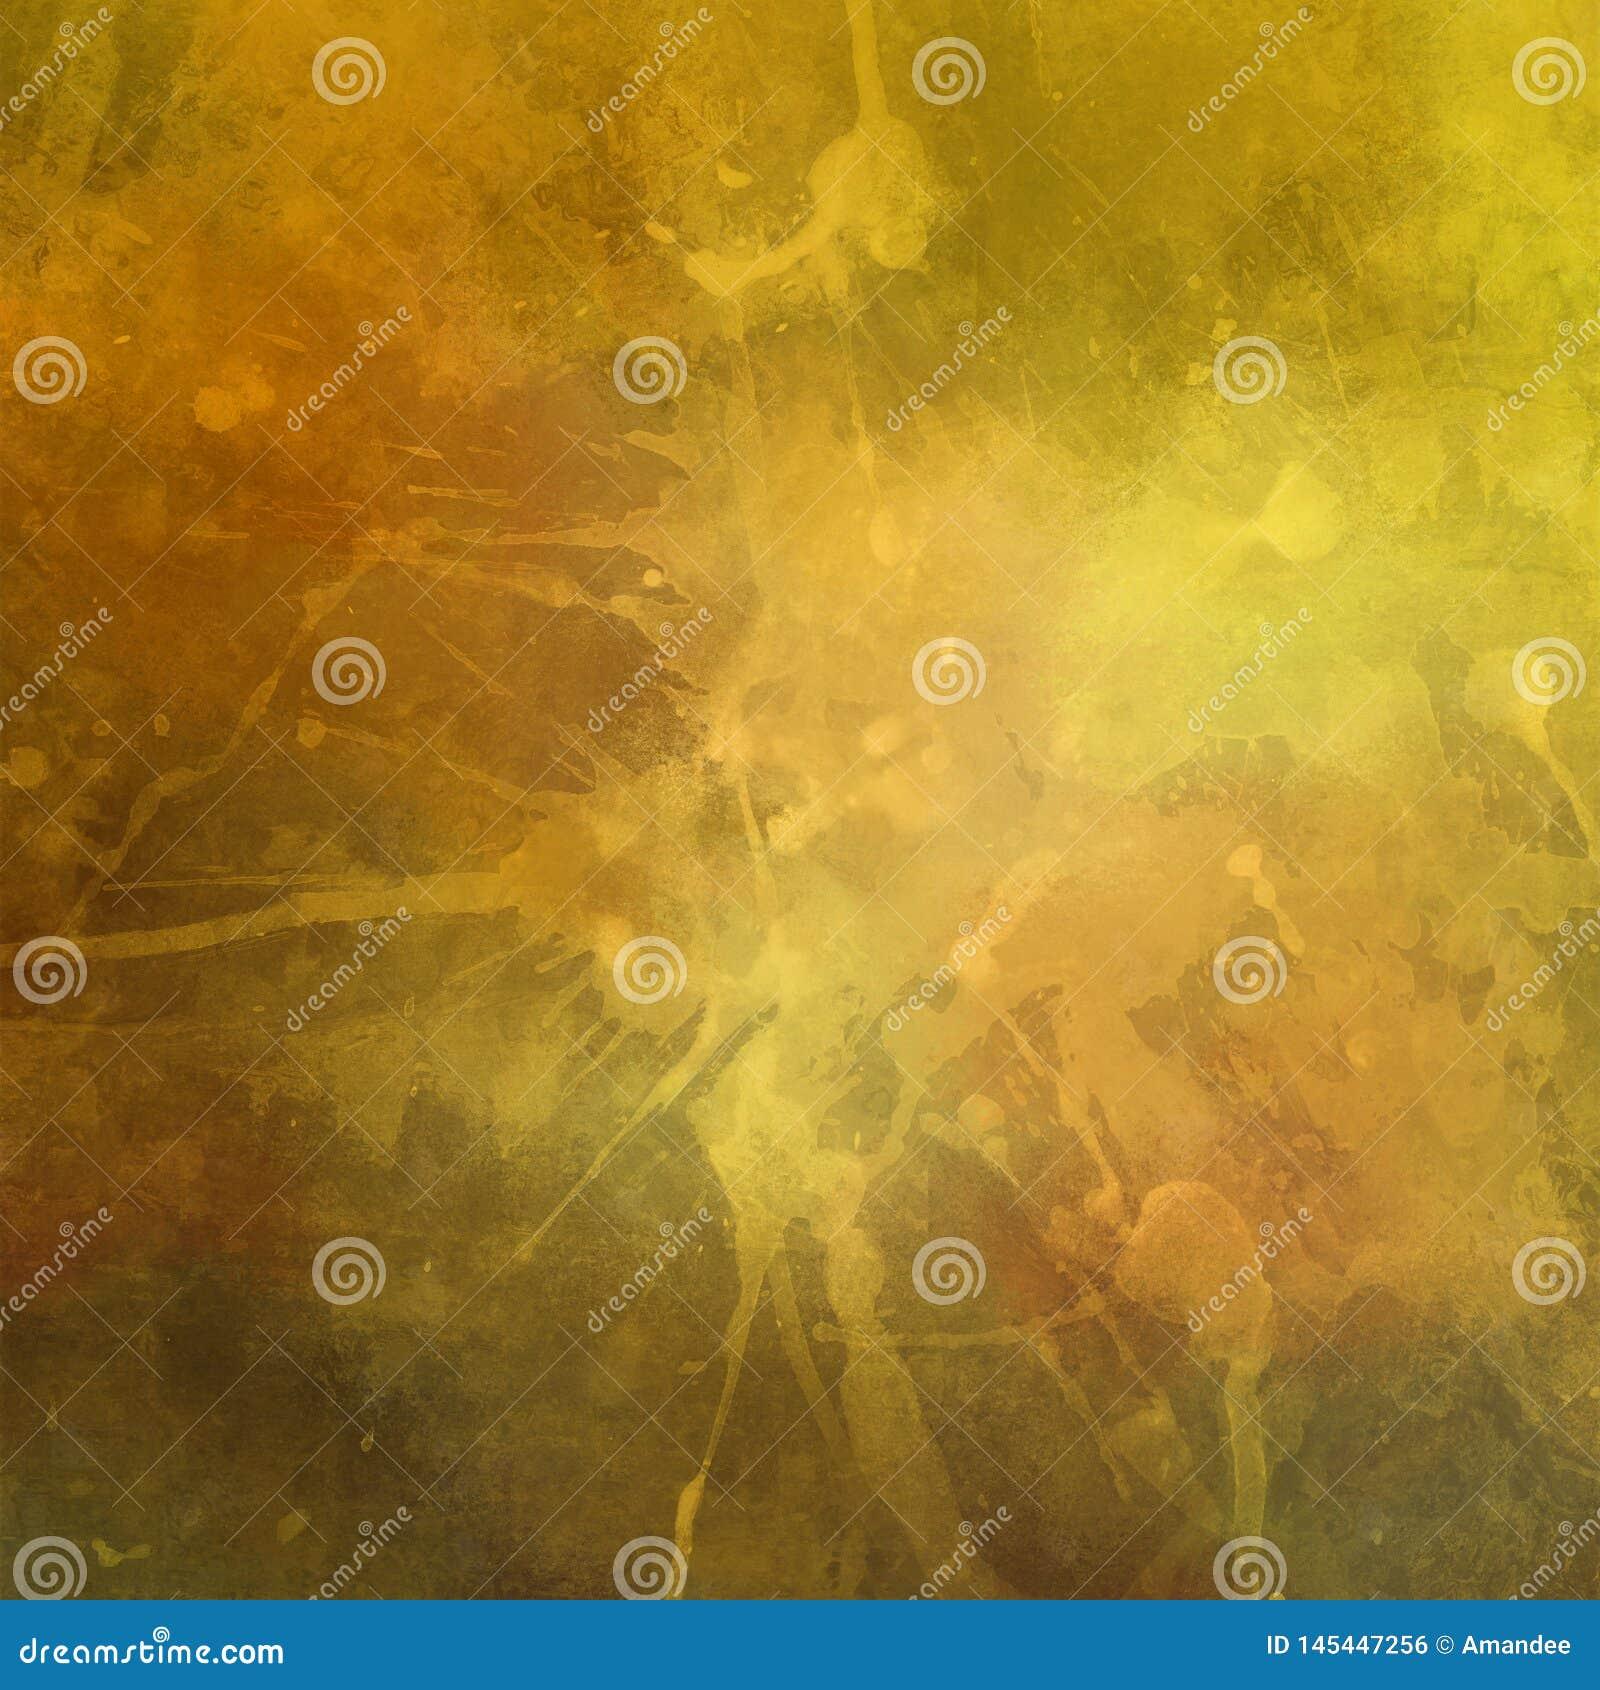 De oude verontruste uitstekende gouden achtergrond met verf bevlekt spatdruppels en dalingen met gebarsten grunge textuur